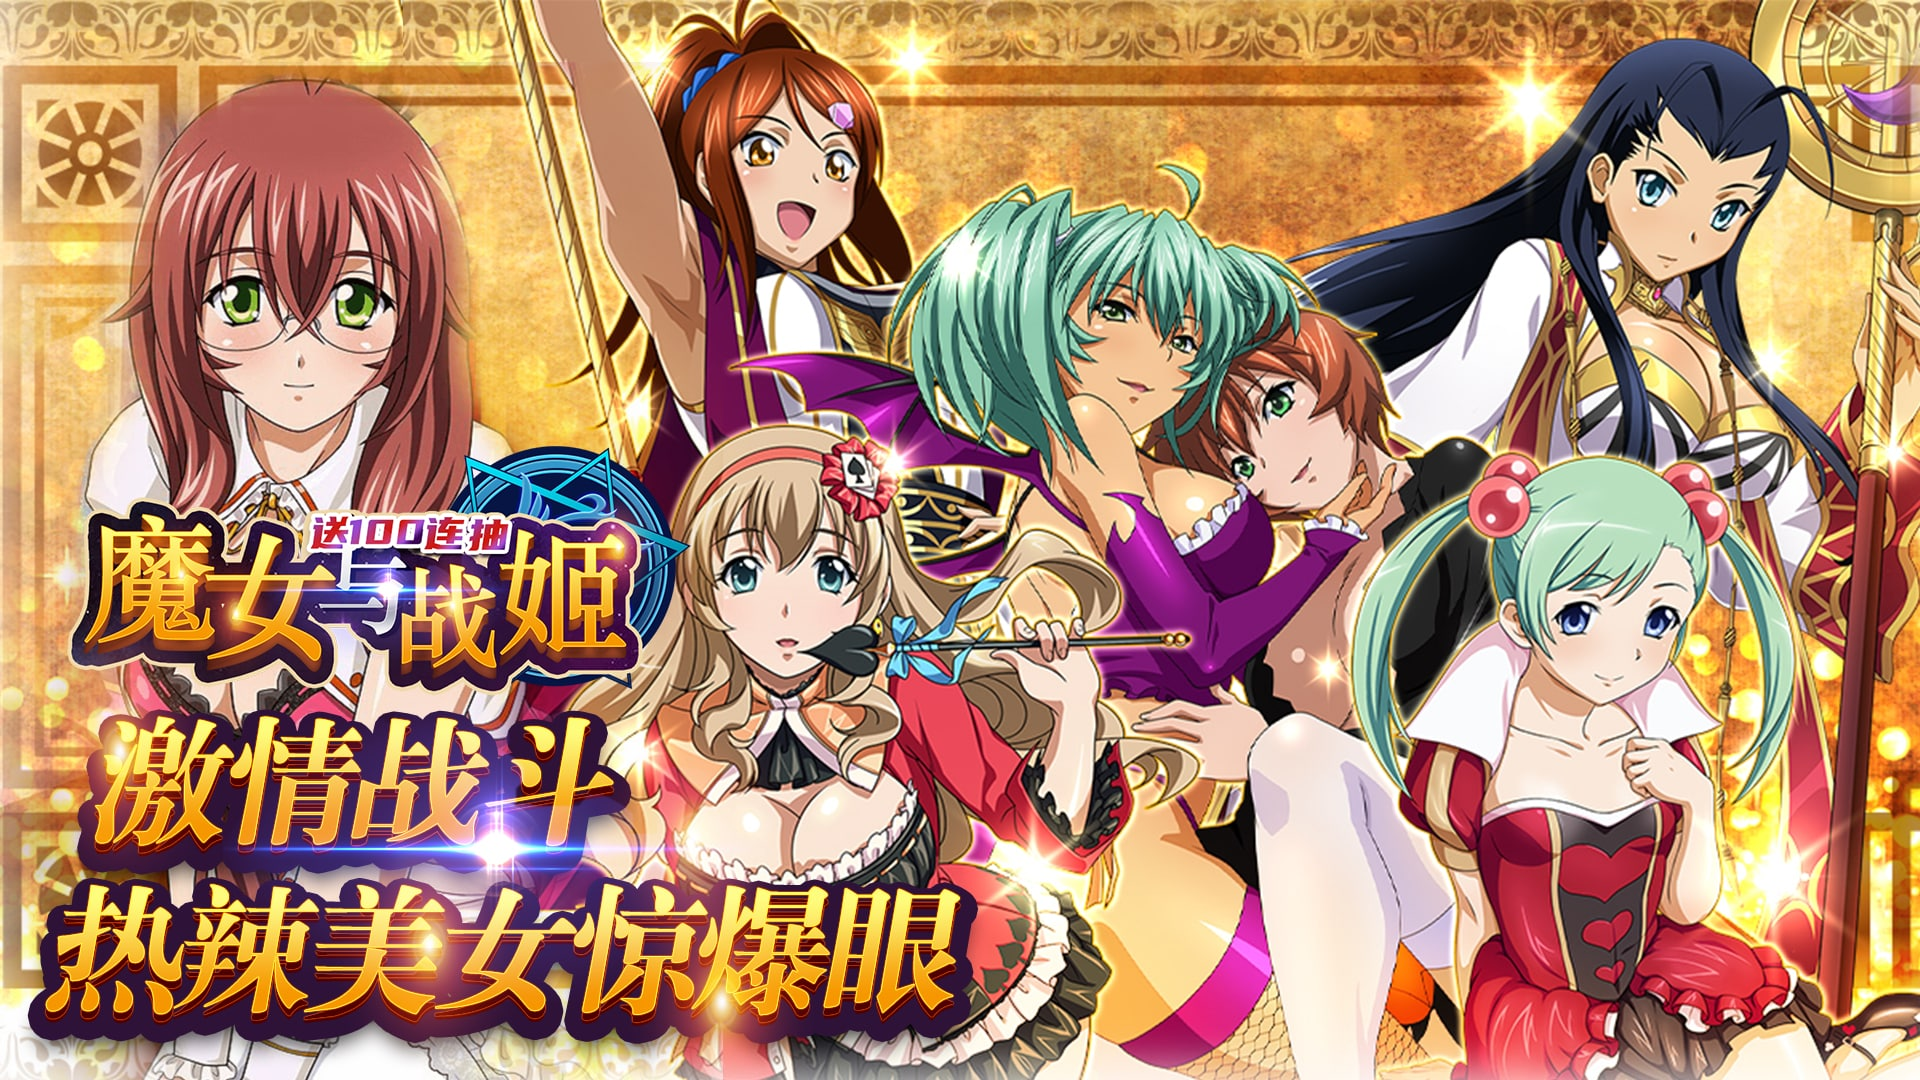 《魔女与战姬(福利特权)》变态版:登录送VIP6、钻石*8888、金币*300万